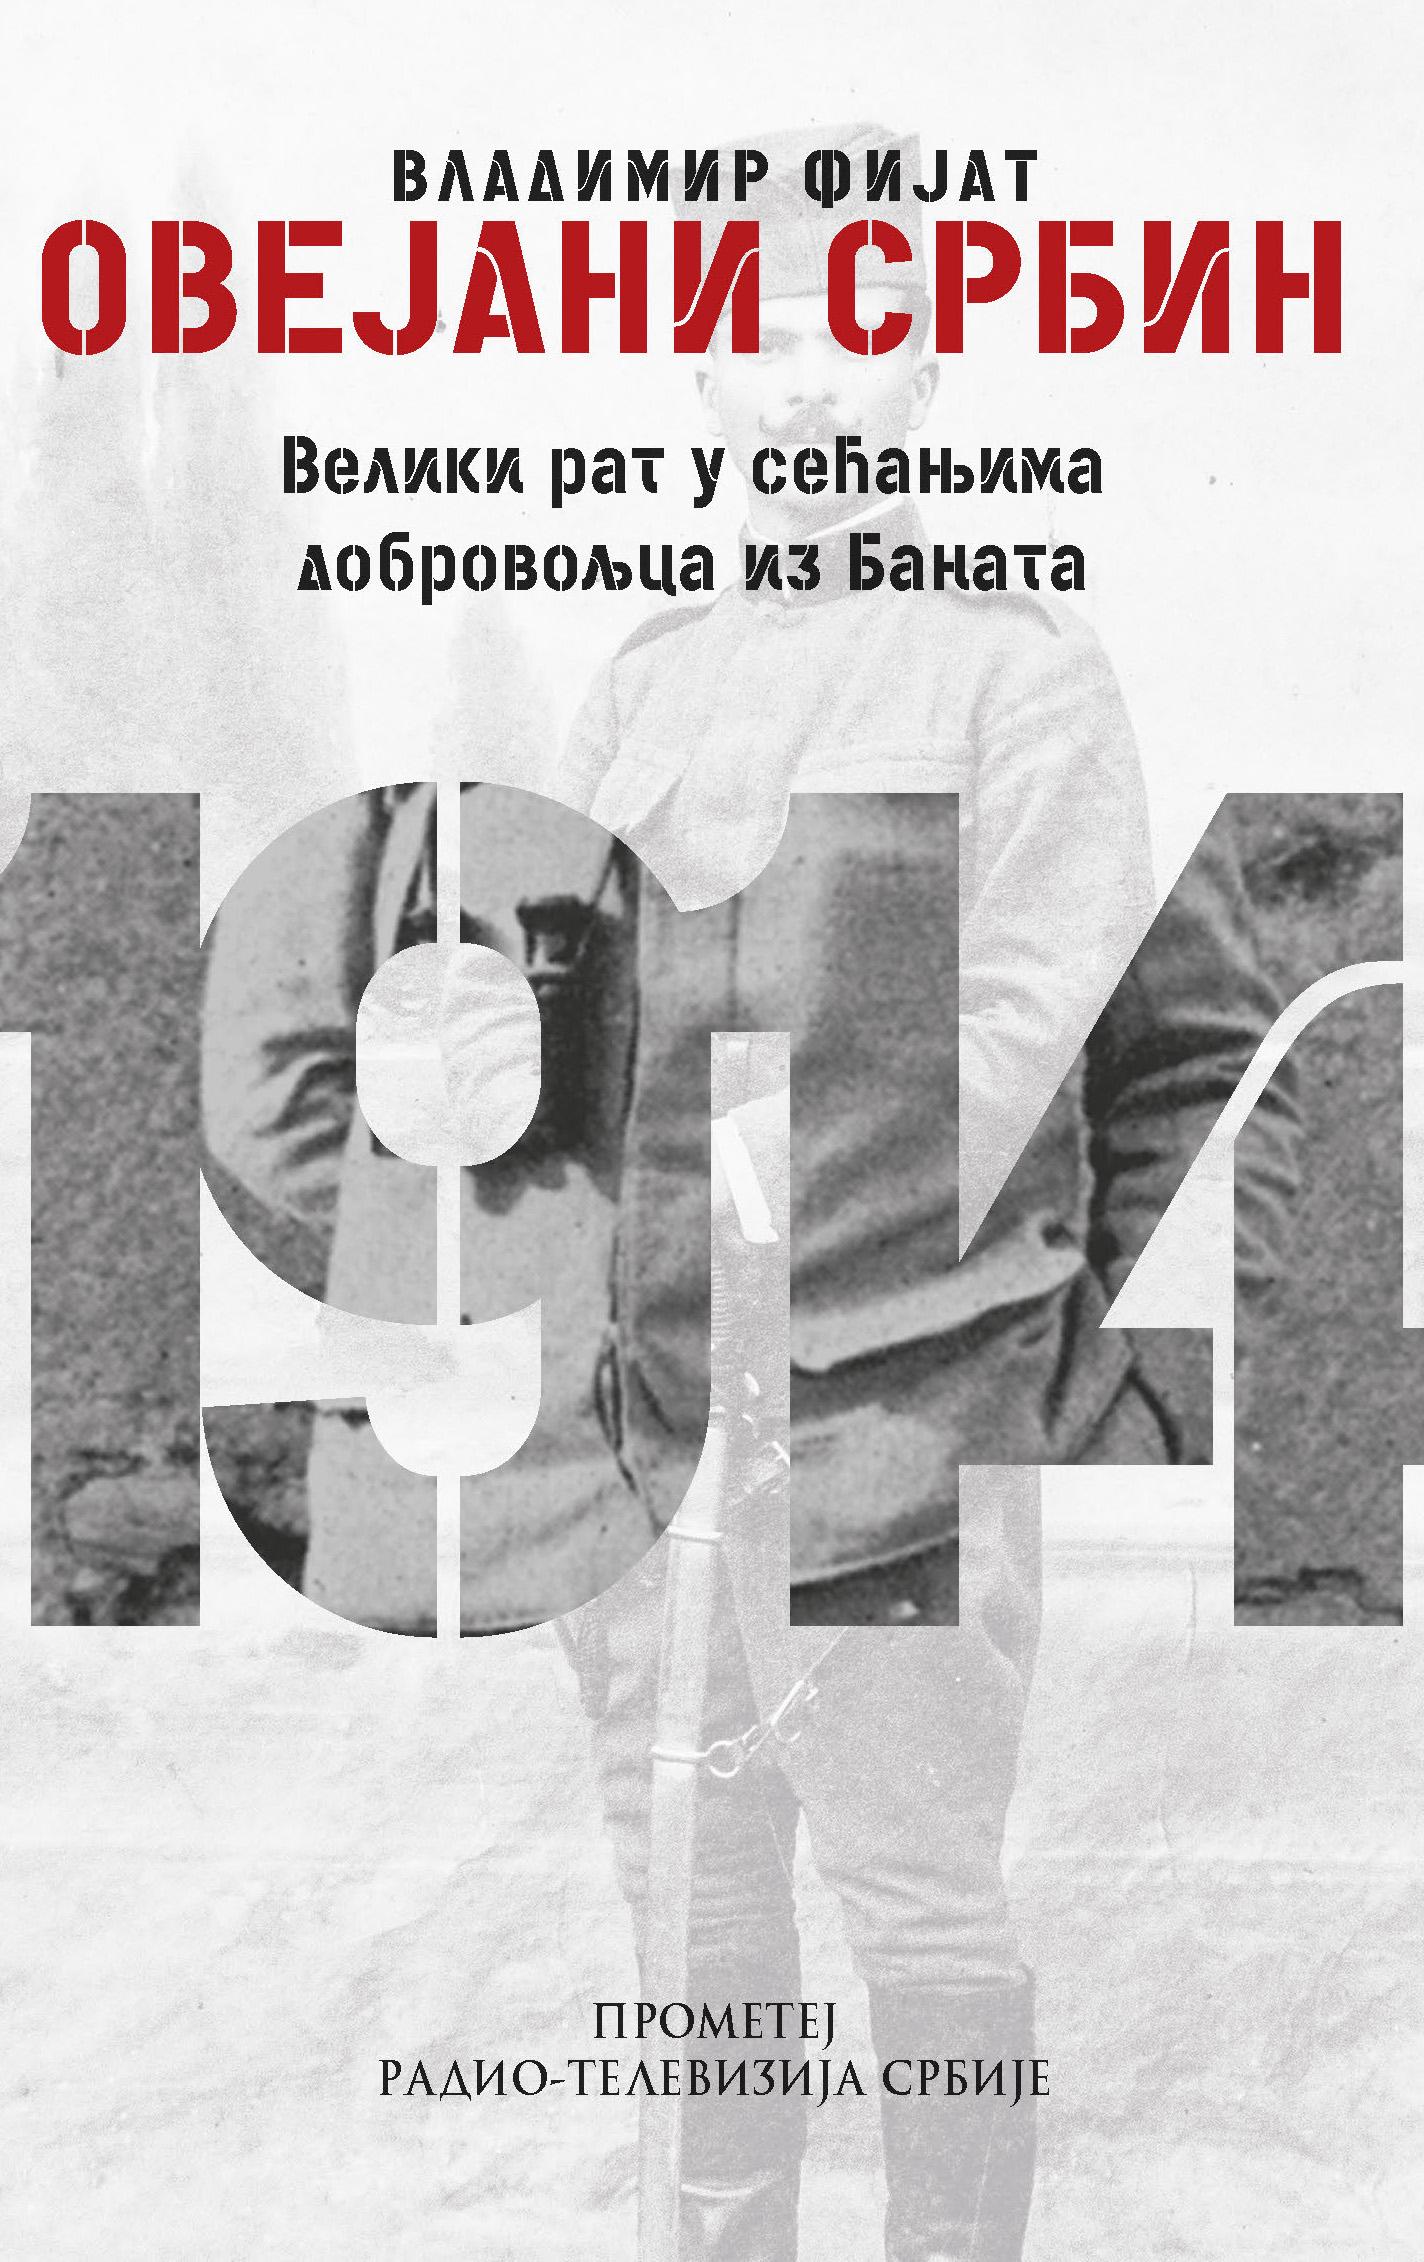 Овејани Србин – Велики рат у сећањима добровољаца из Баната